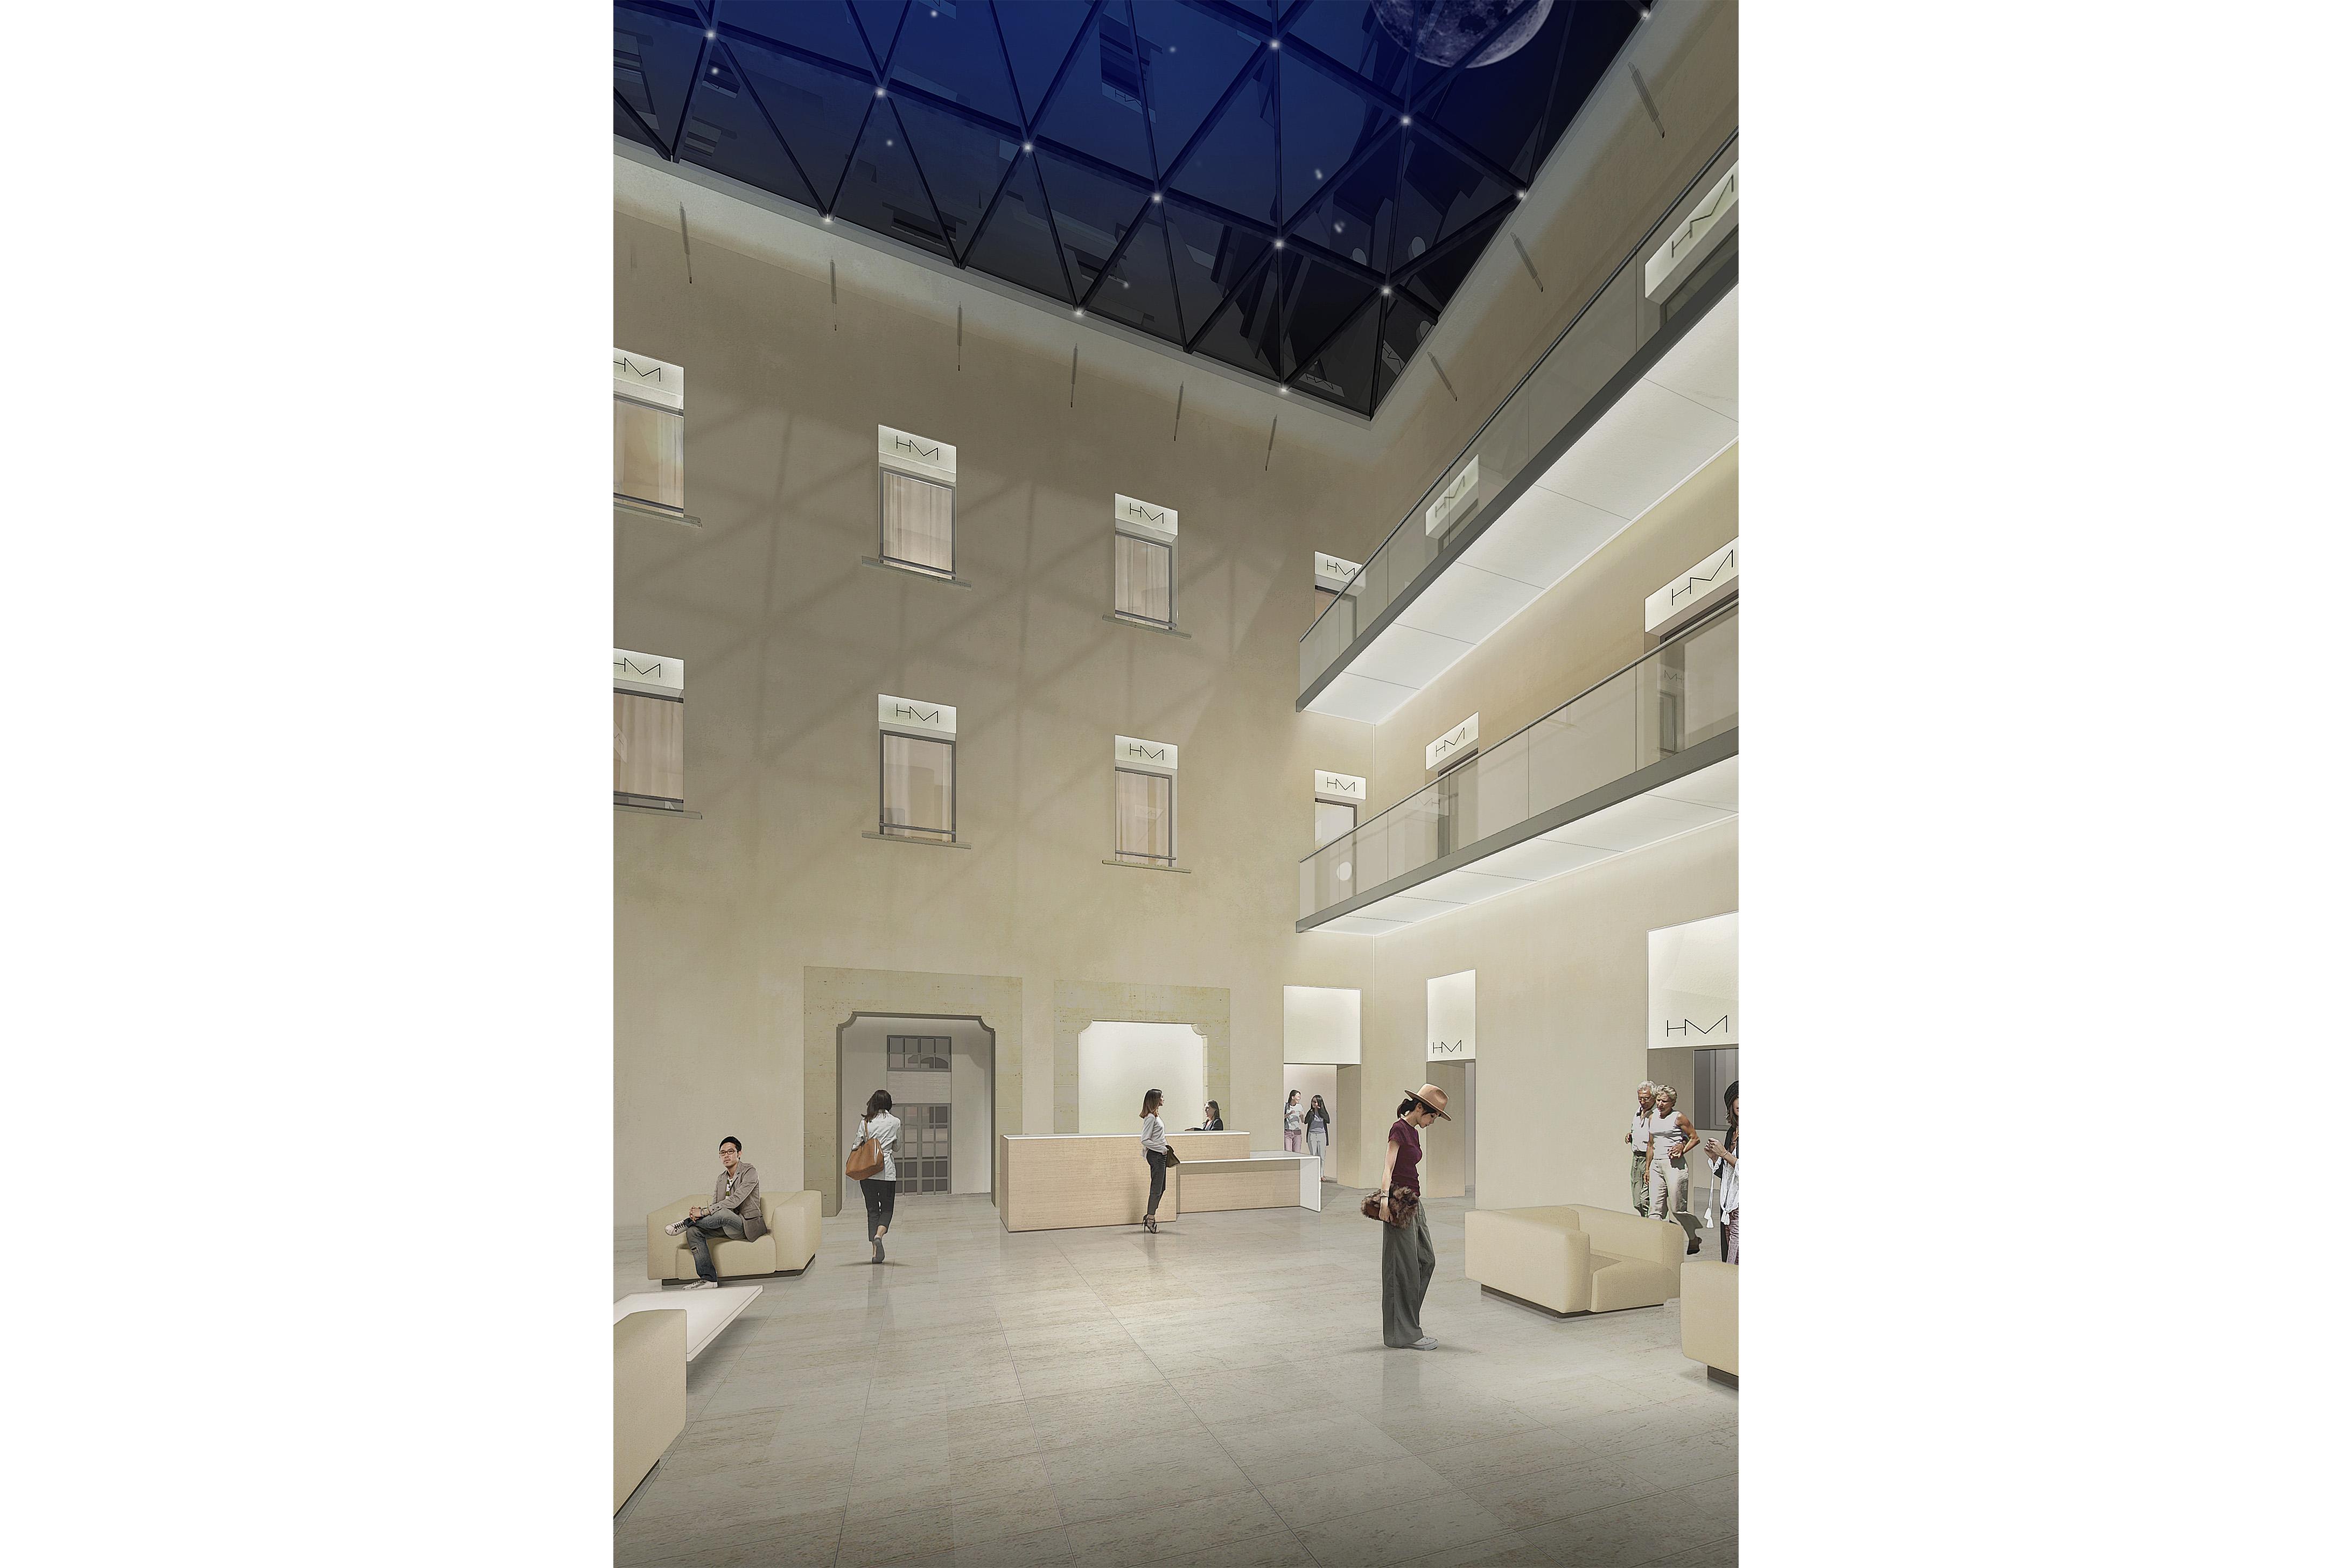 RECONVERSION DE L'HOTEL NIEL ET DE L'HOTEL DES MONNAIES A AVIGNON 2017 - 2020